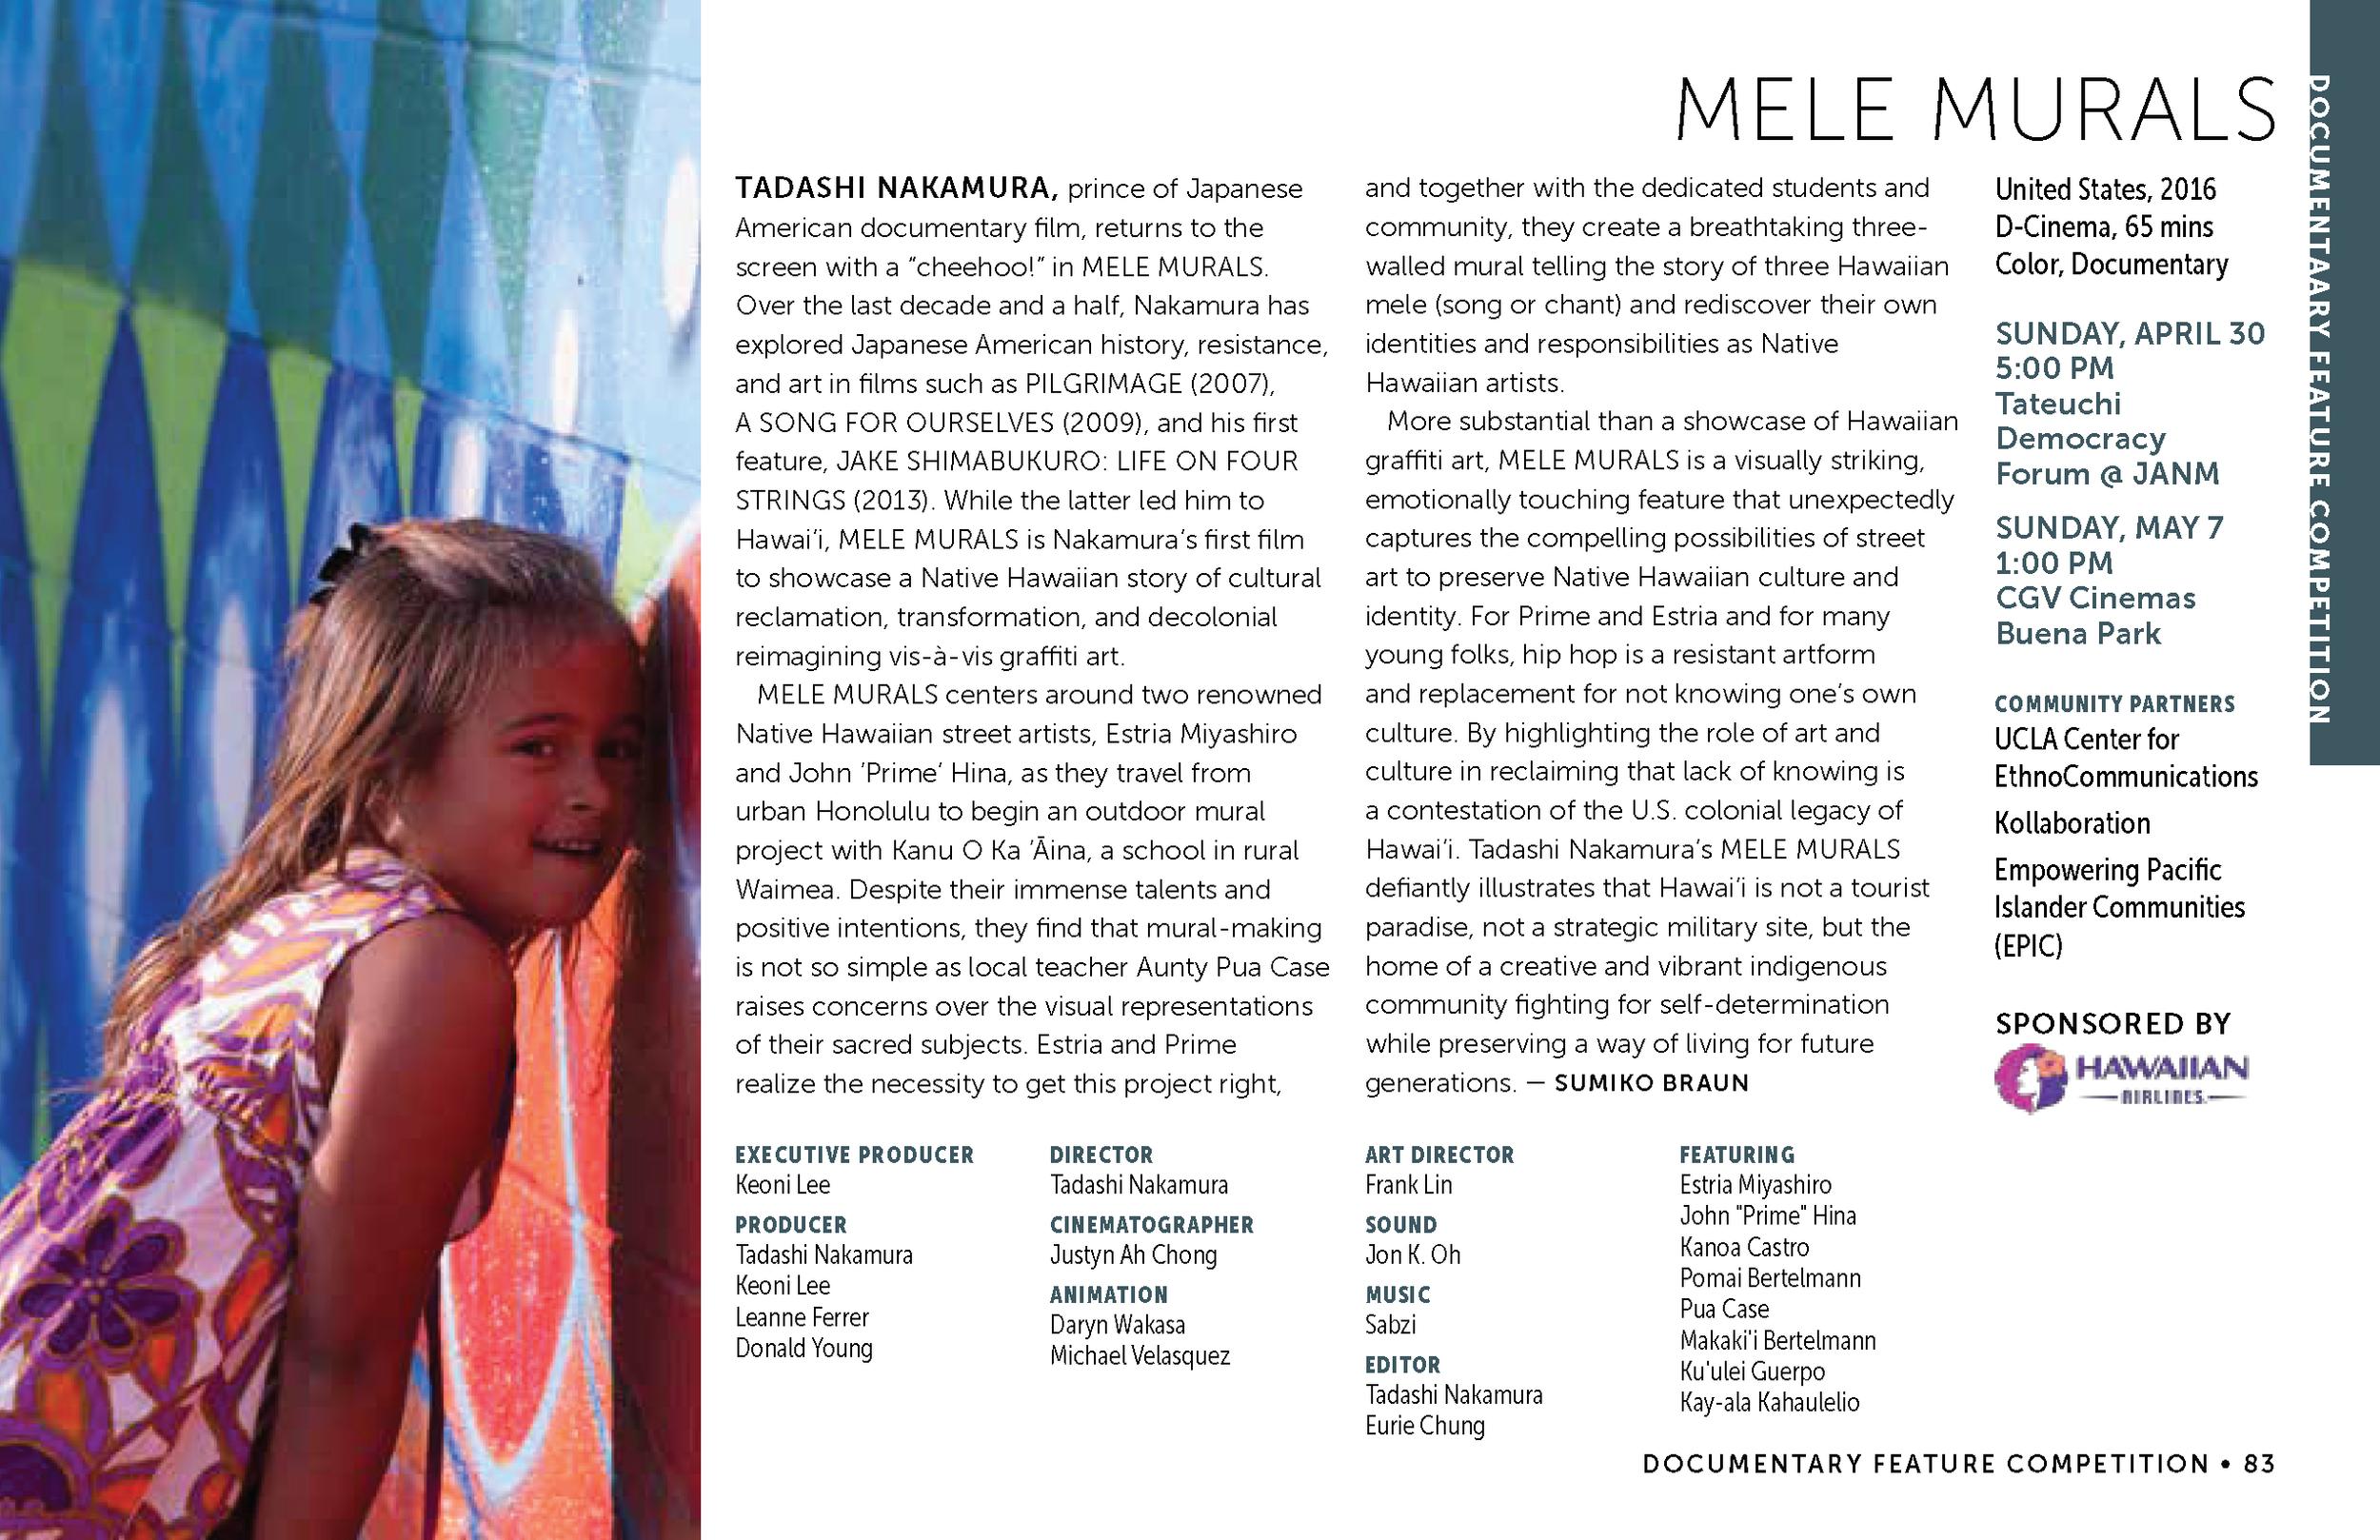 LAAPFF 2017 Program Notes: MELE MURALS